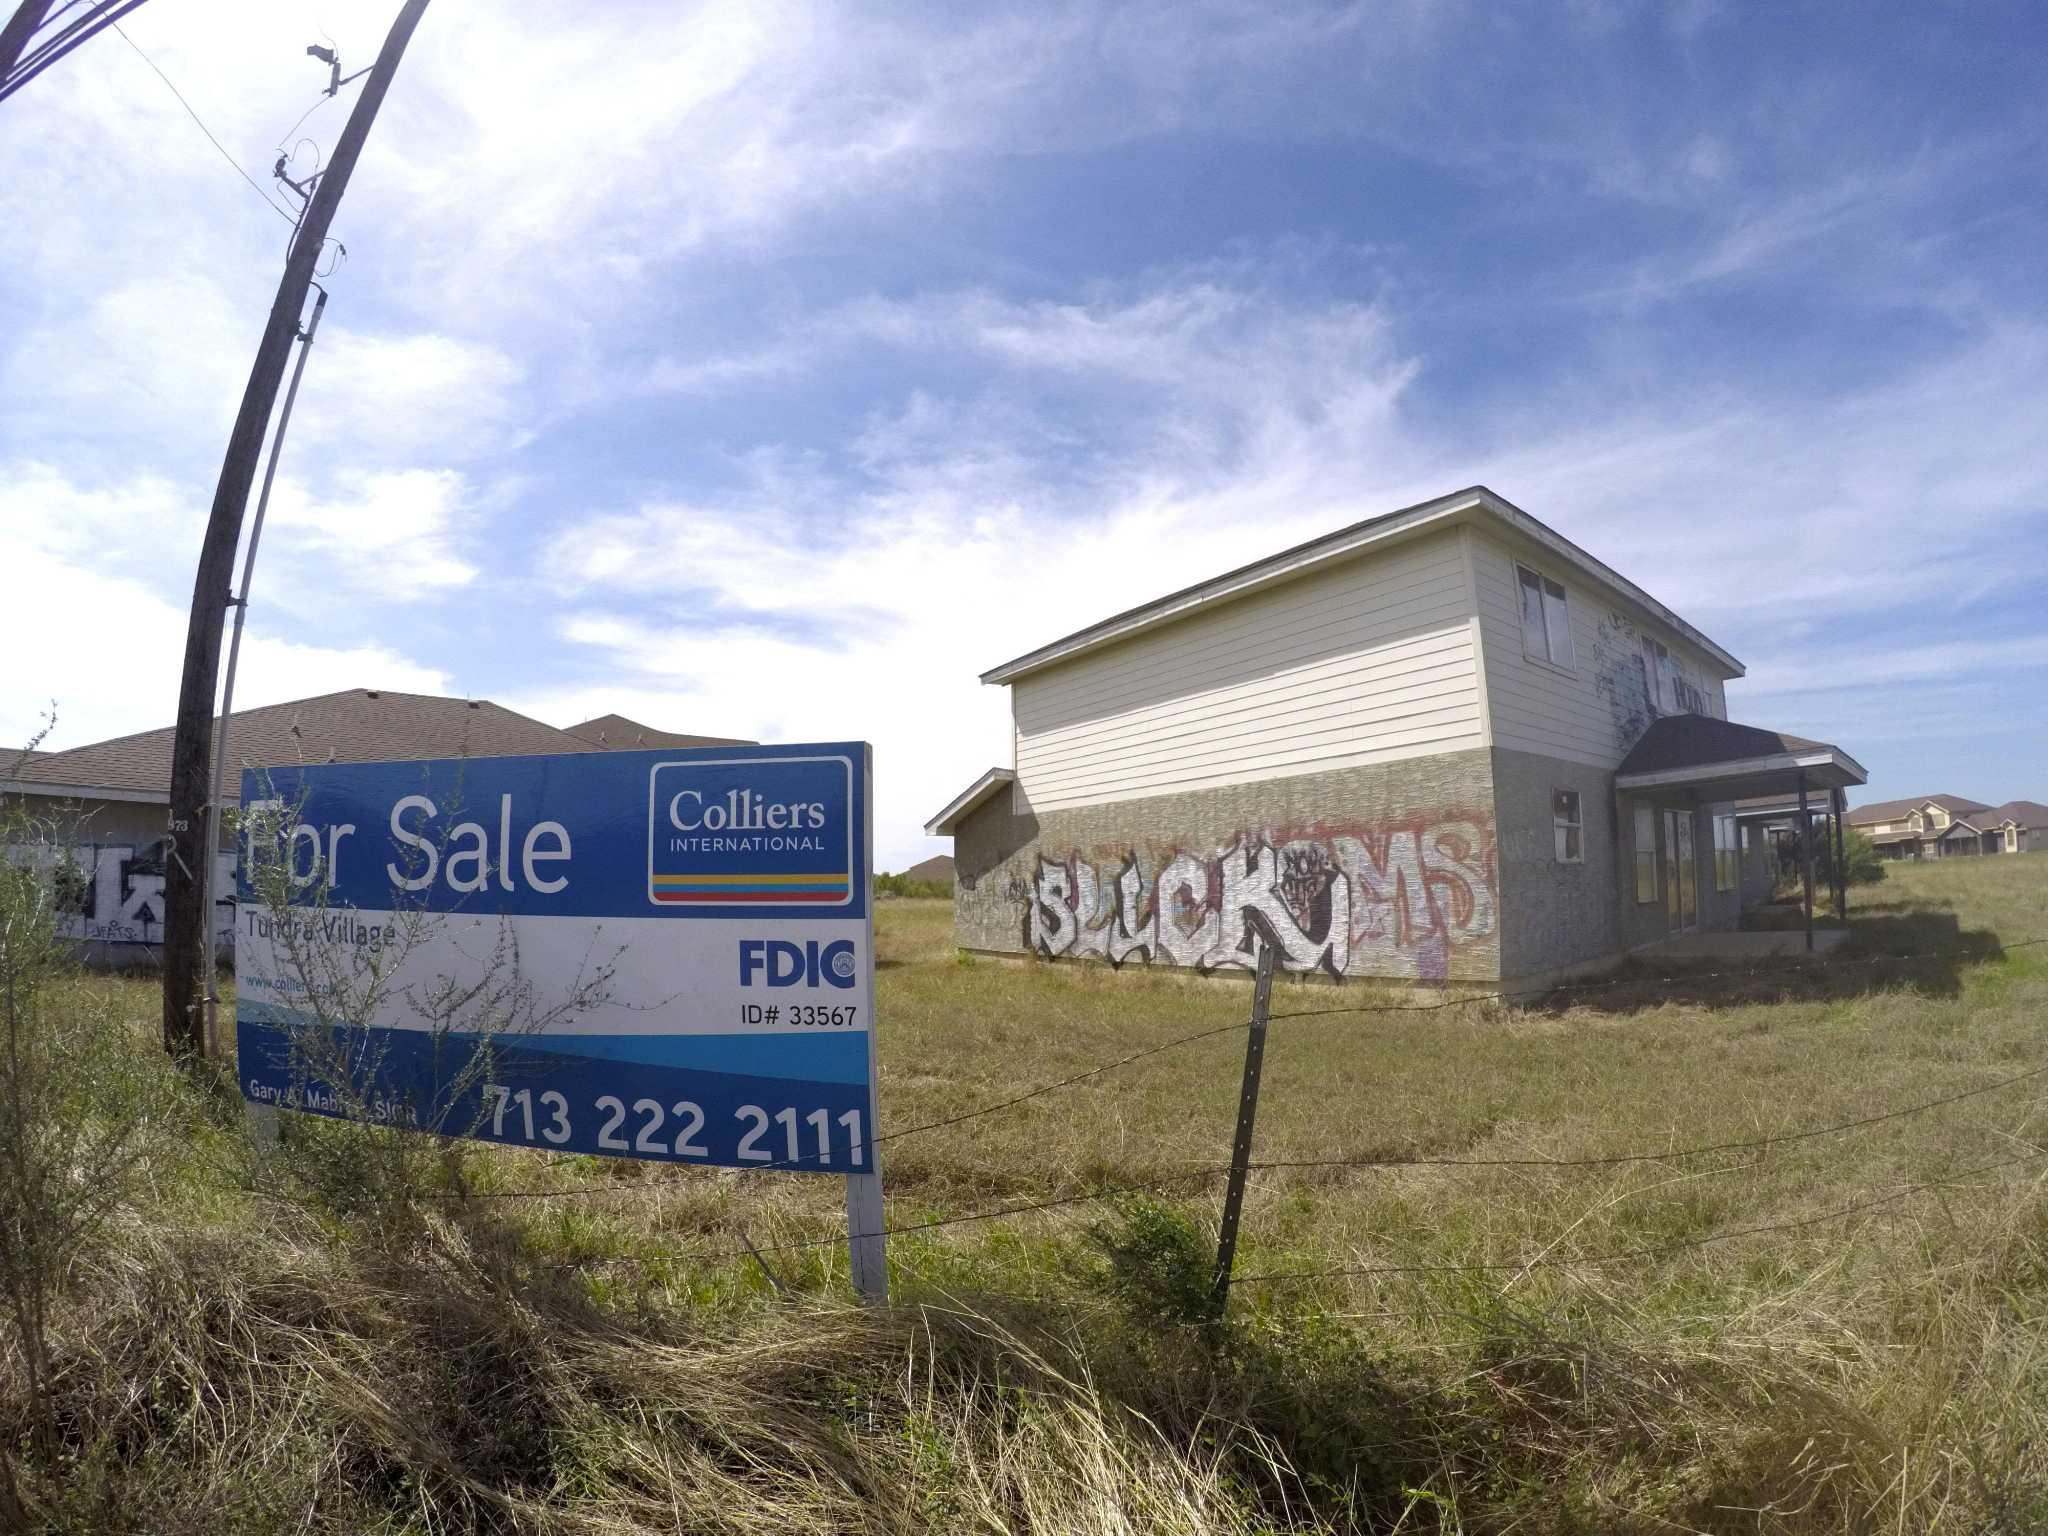 Fdic Sells Tundra Village Buildings To Dallas Developer